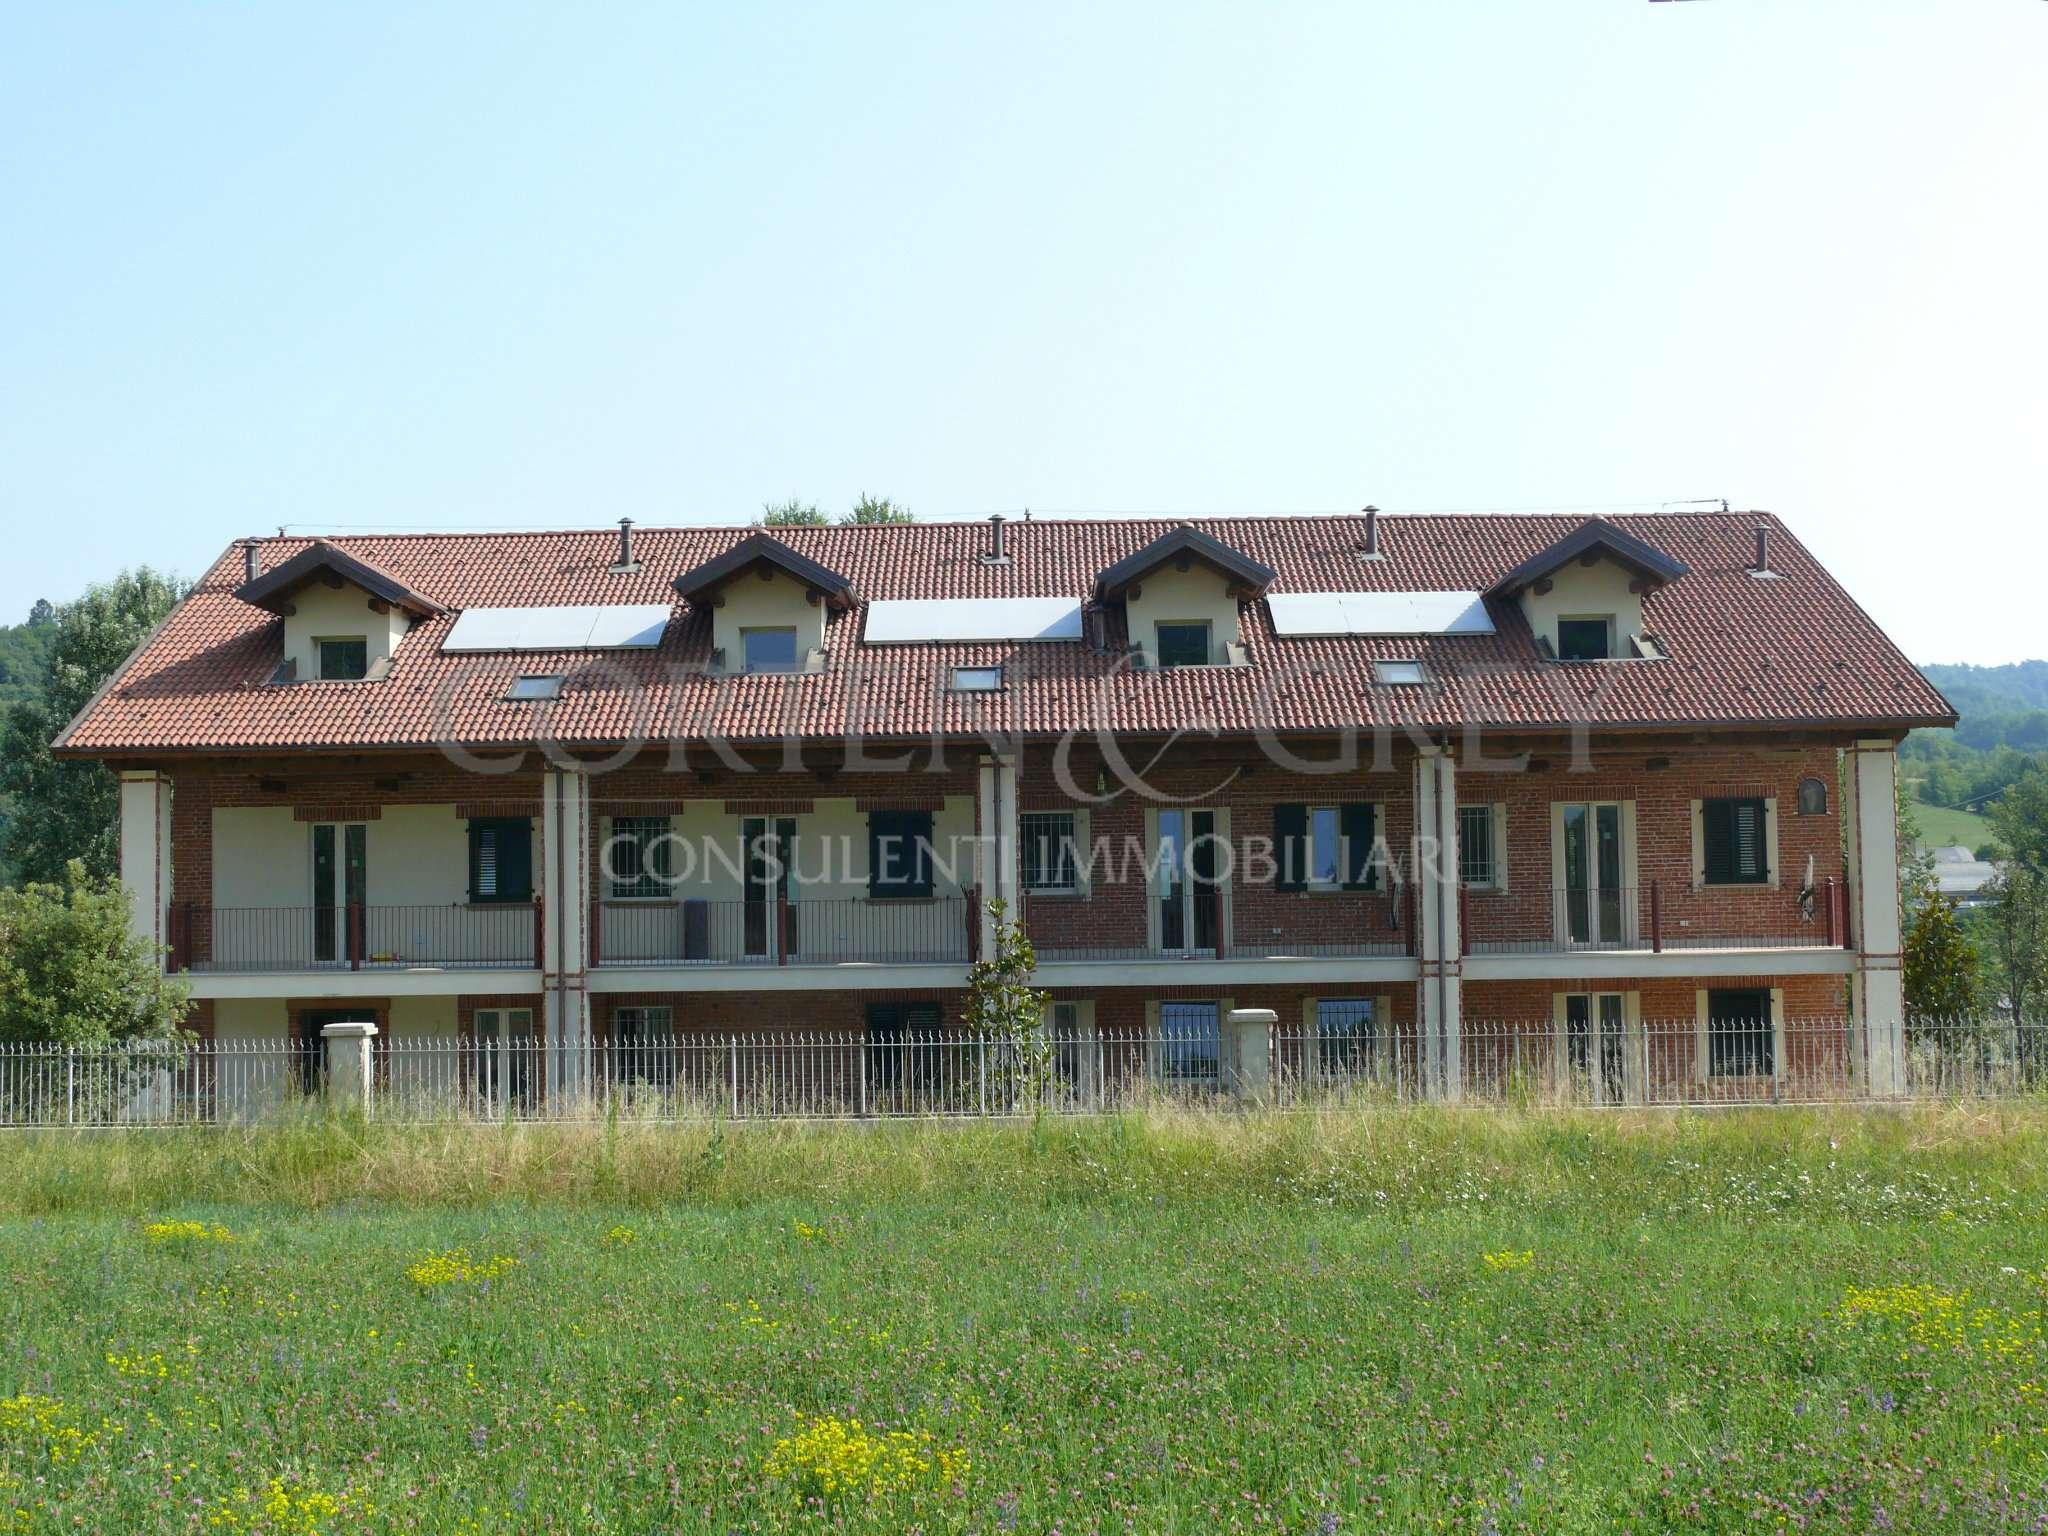 Appartamento in vendita a Sciolze, 5 locali, prezzo € 260.000 | CambioCasa.it